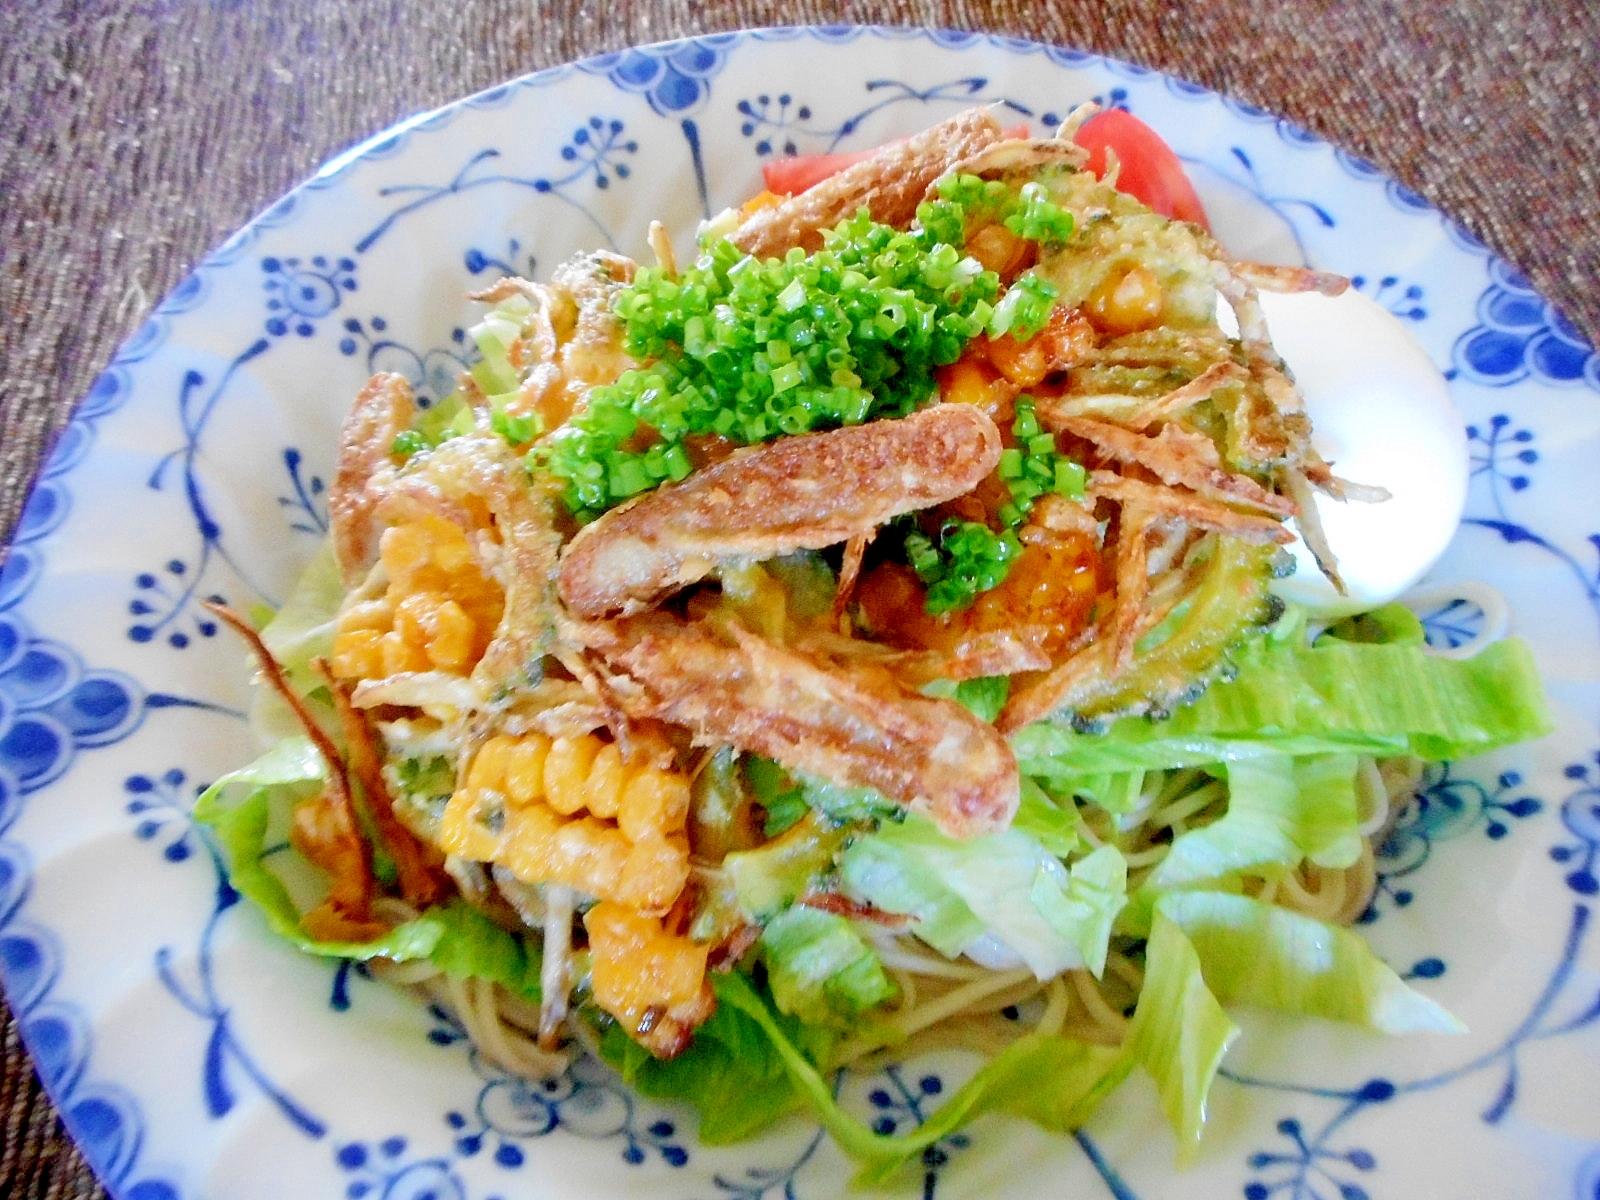 ゴーヤとコーンとゴボウのかき揚げサラダ蕎麦